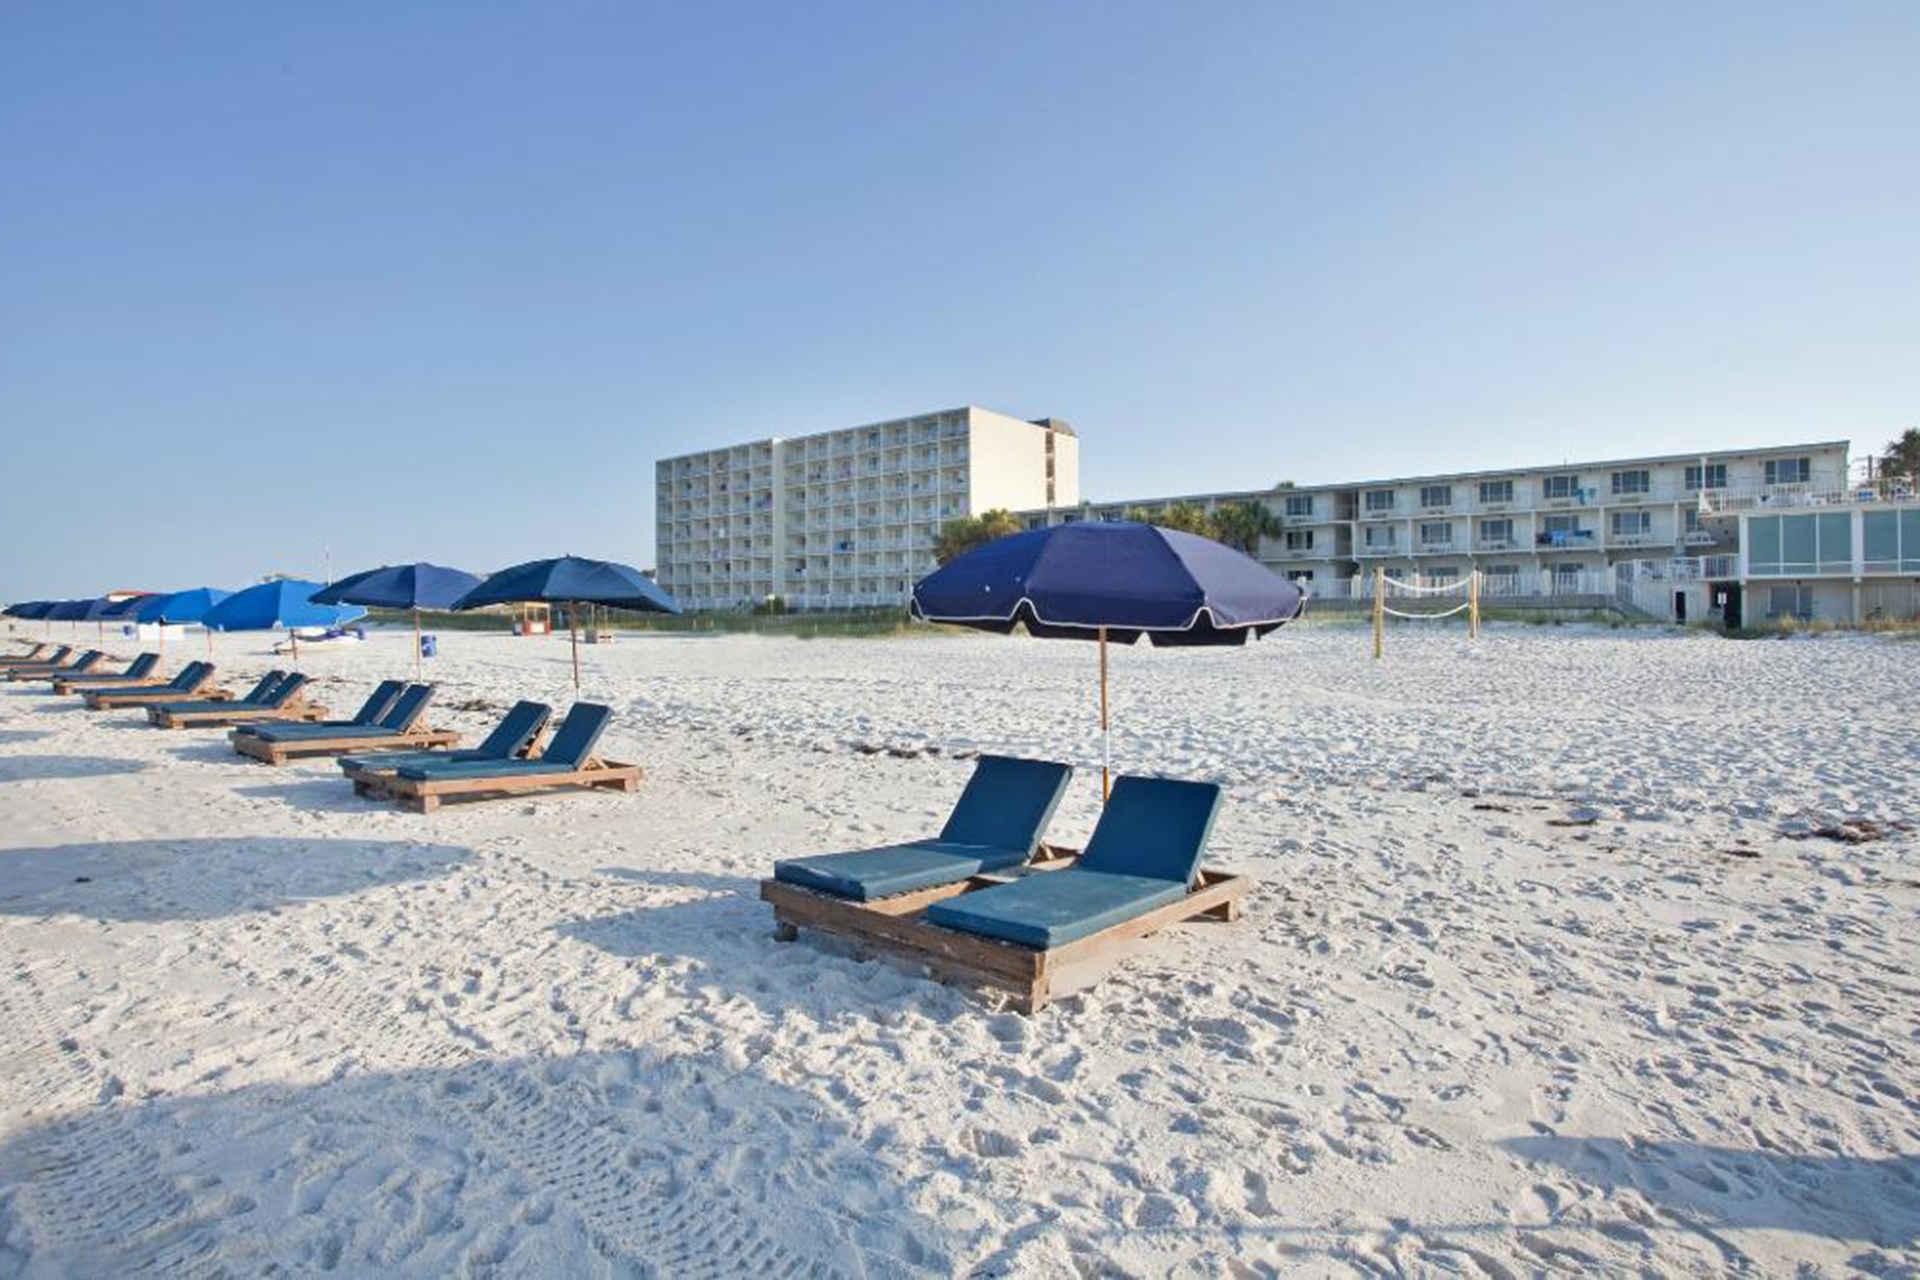 Beachside Resort in Panama City Beach, FL